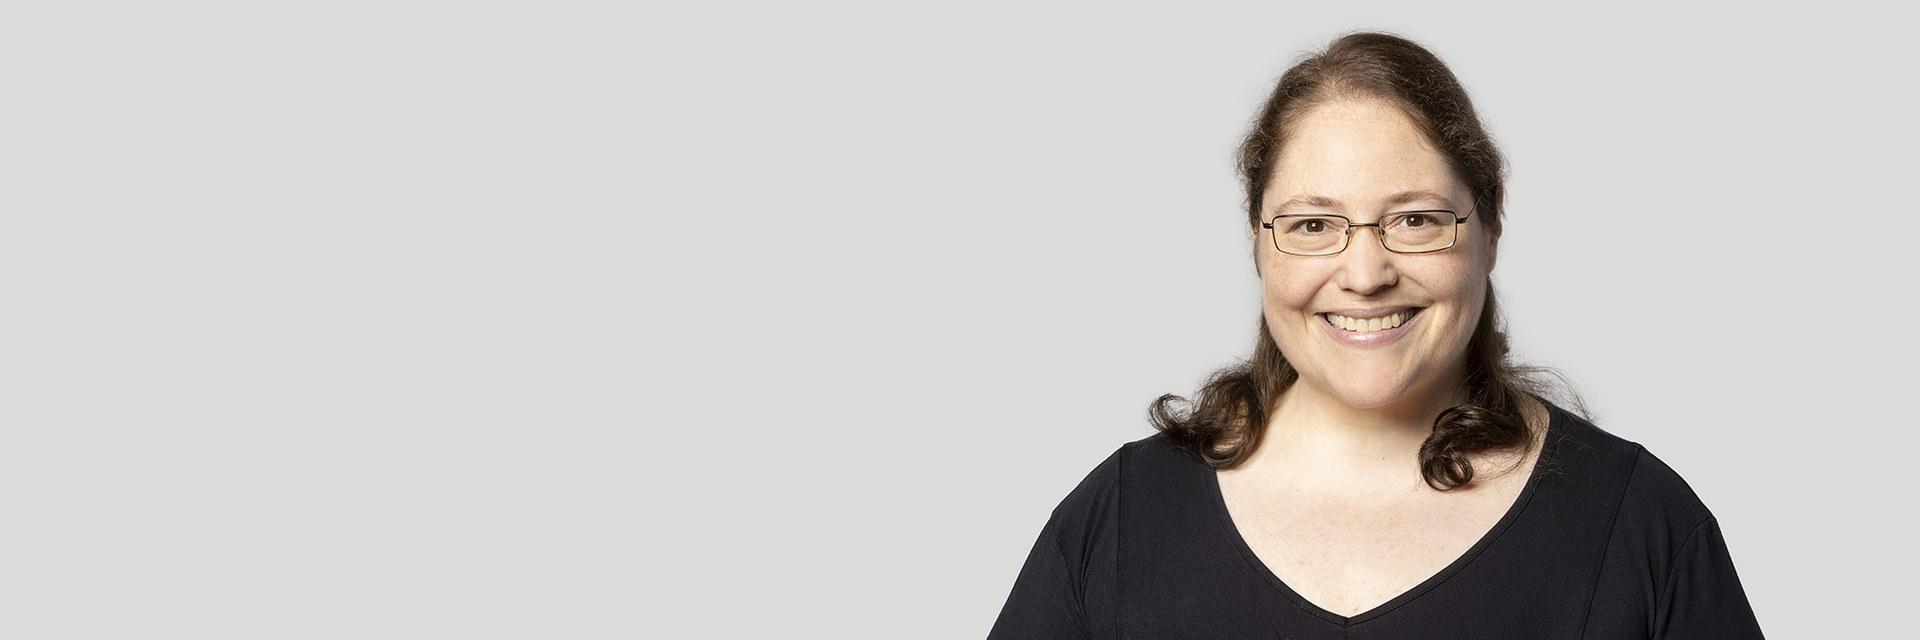 Sandra Livia Knubel